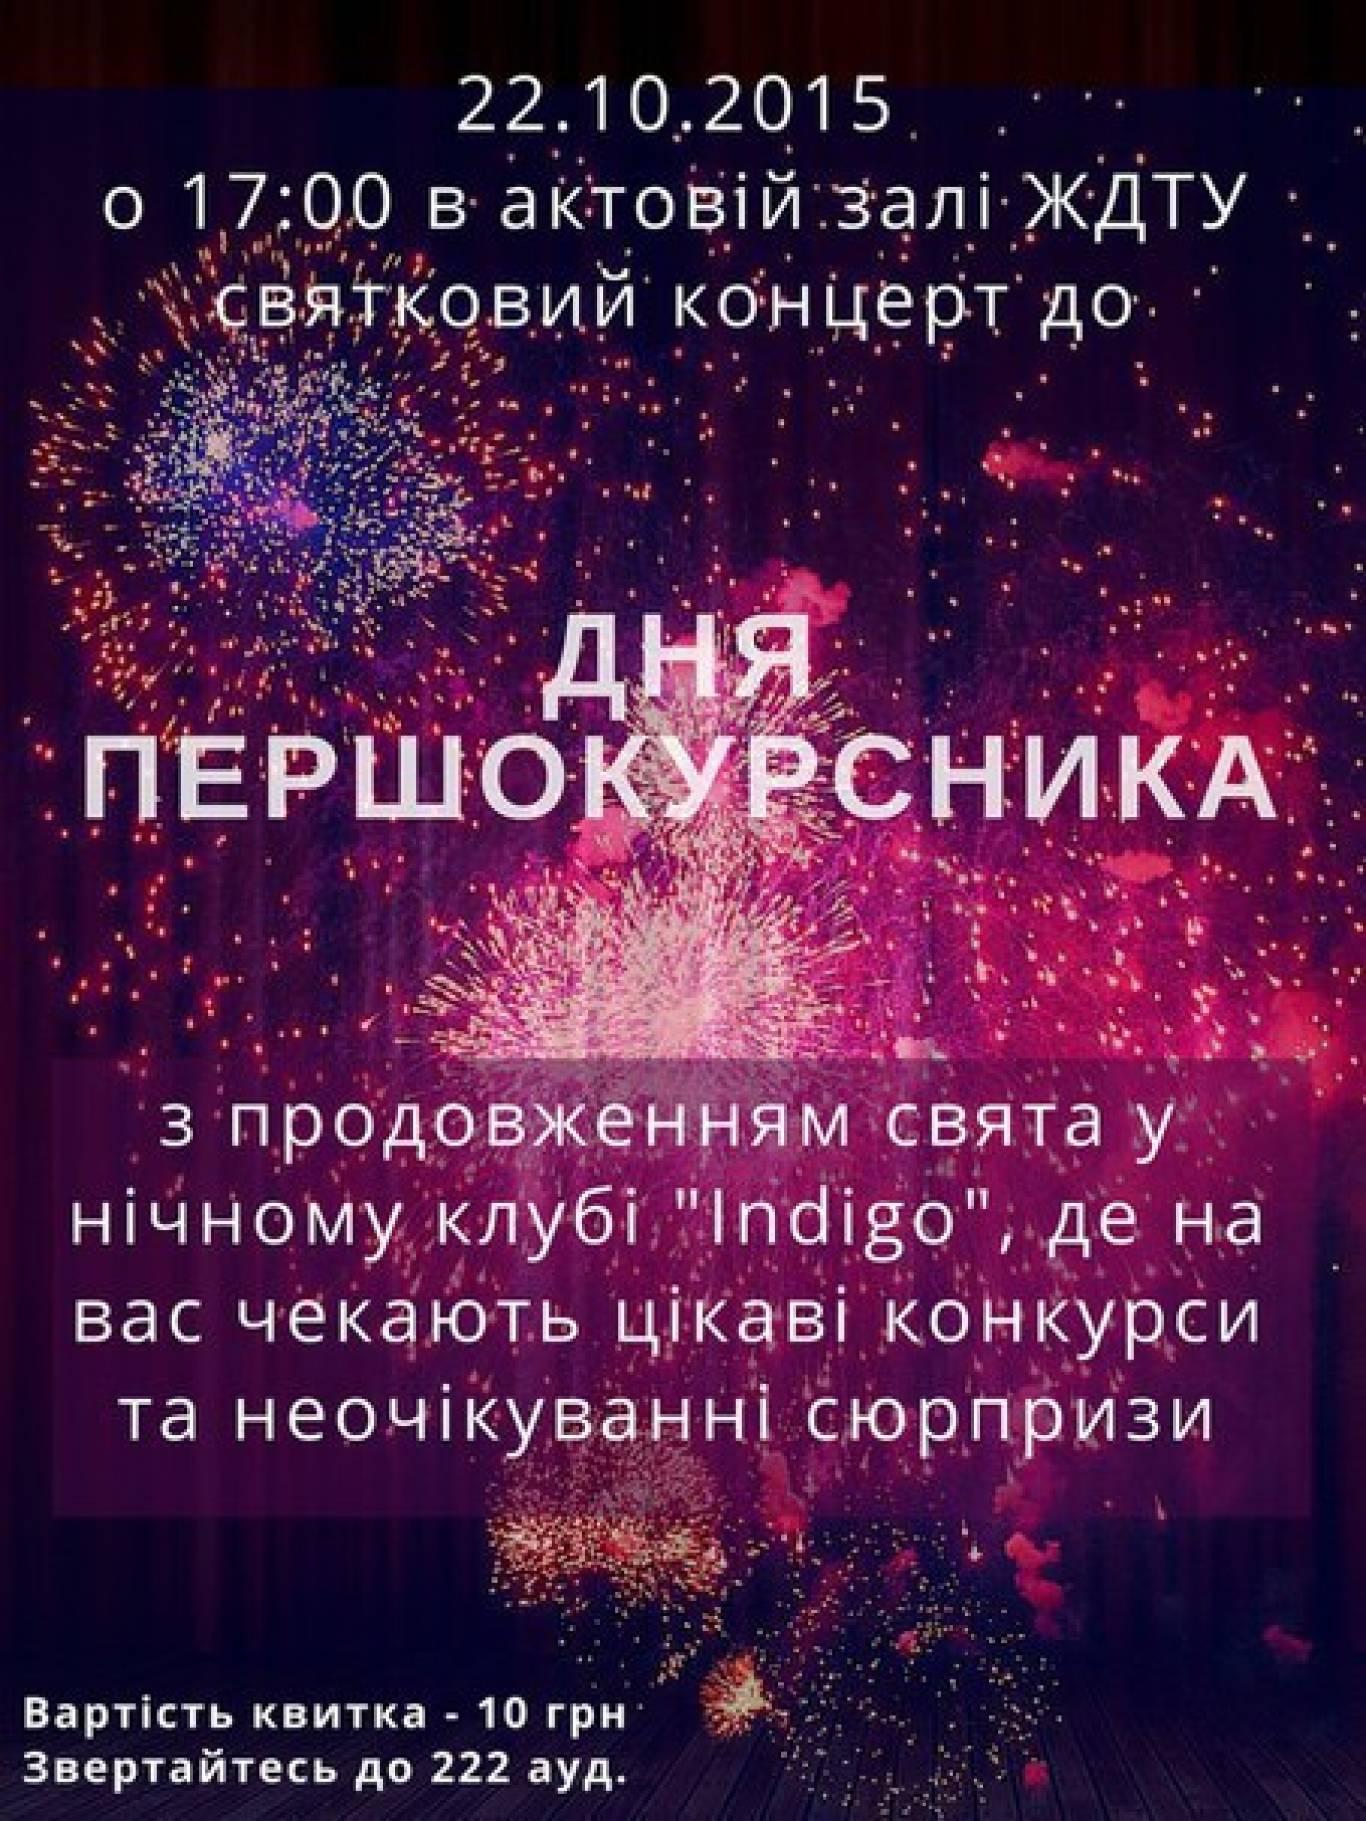 Концерт до ДНЯ ПЕРШОКУРСНИКА